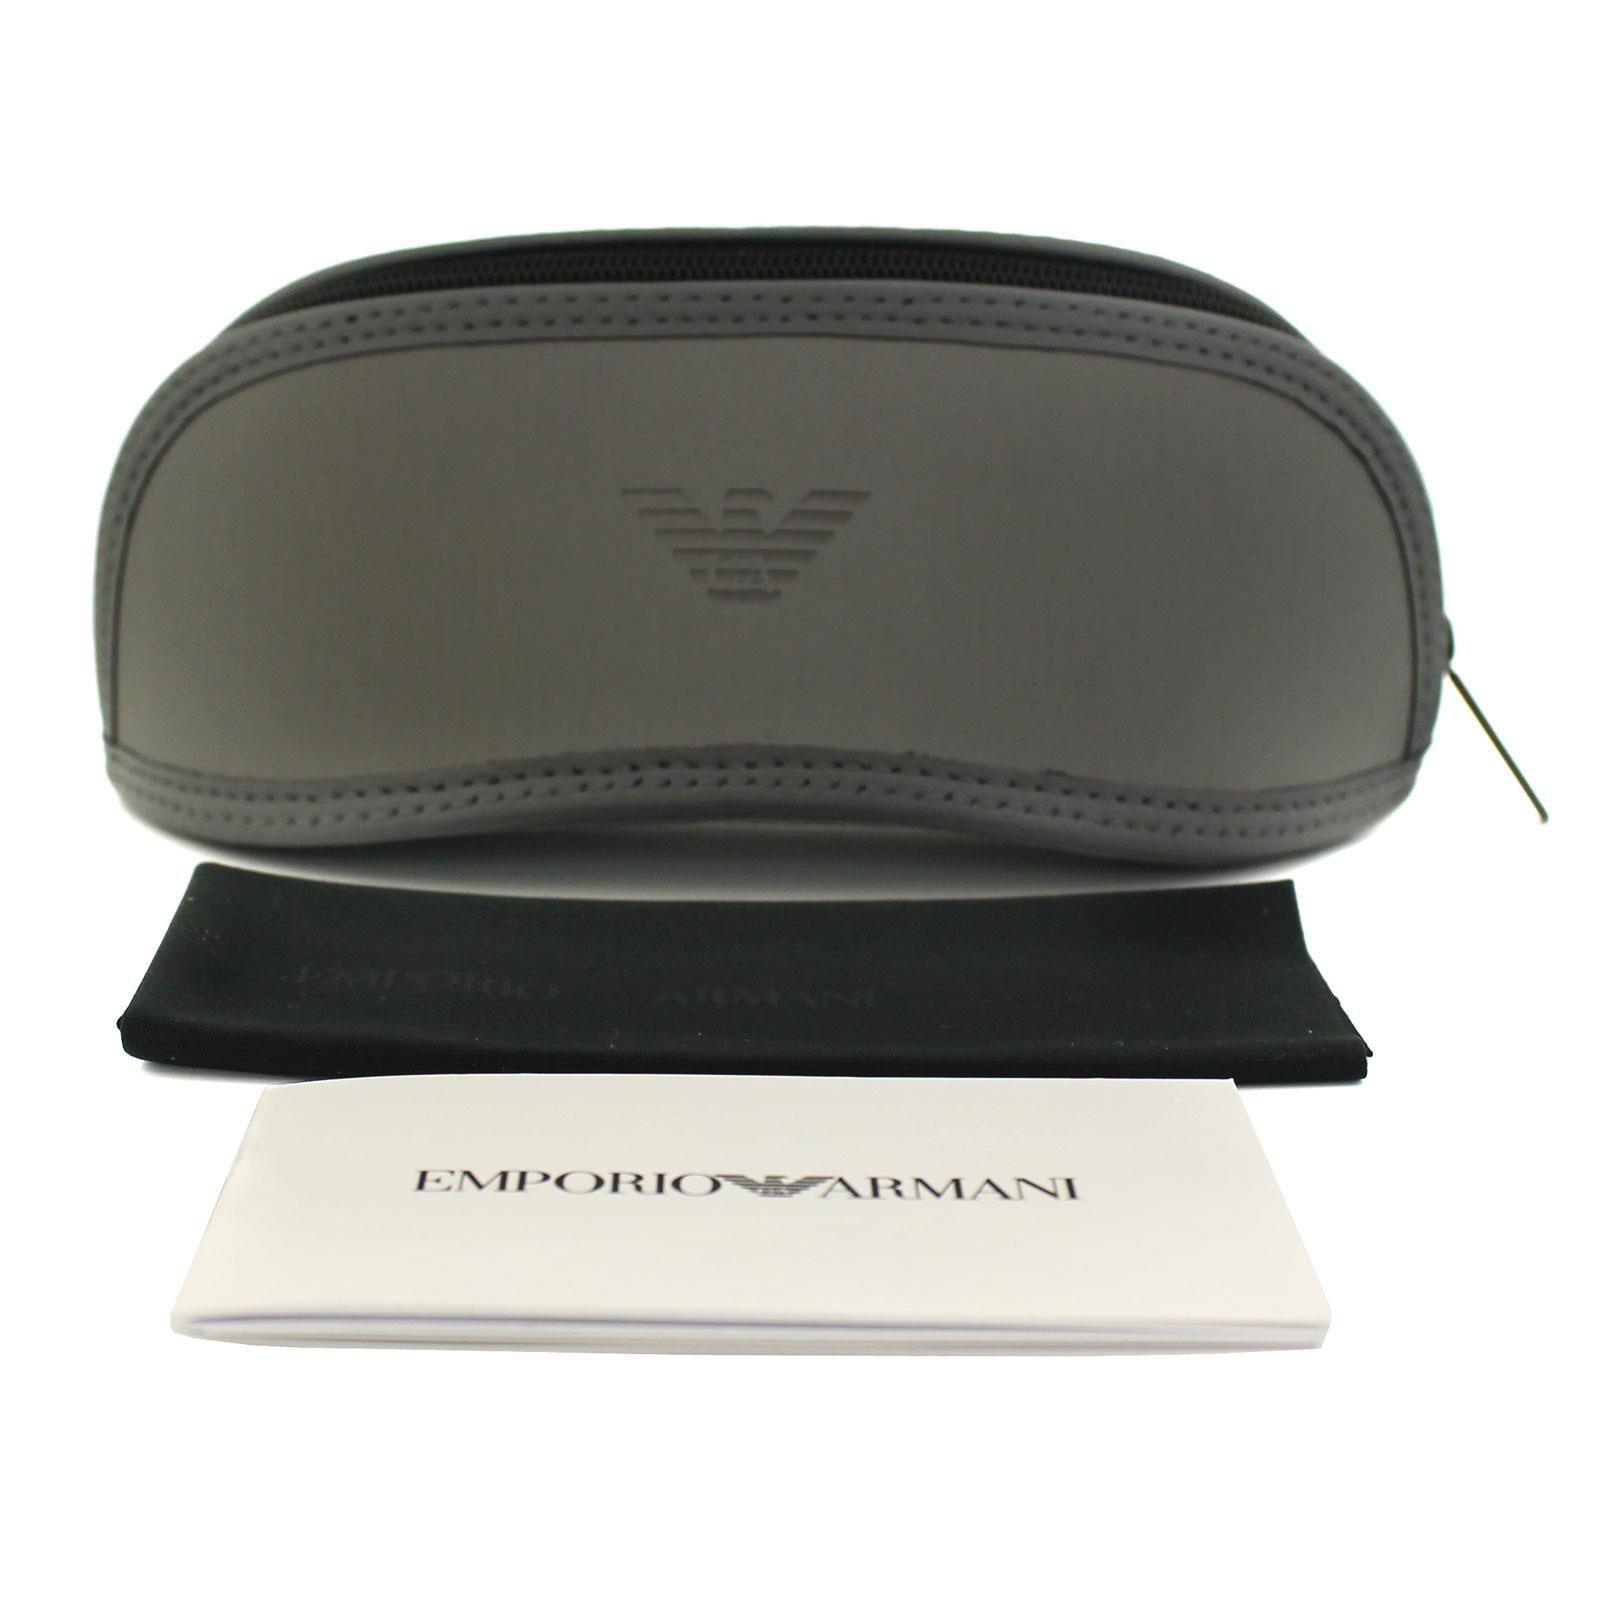 Emporio Armani Sunglasses EA4150 506371 Rubber Black Green